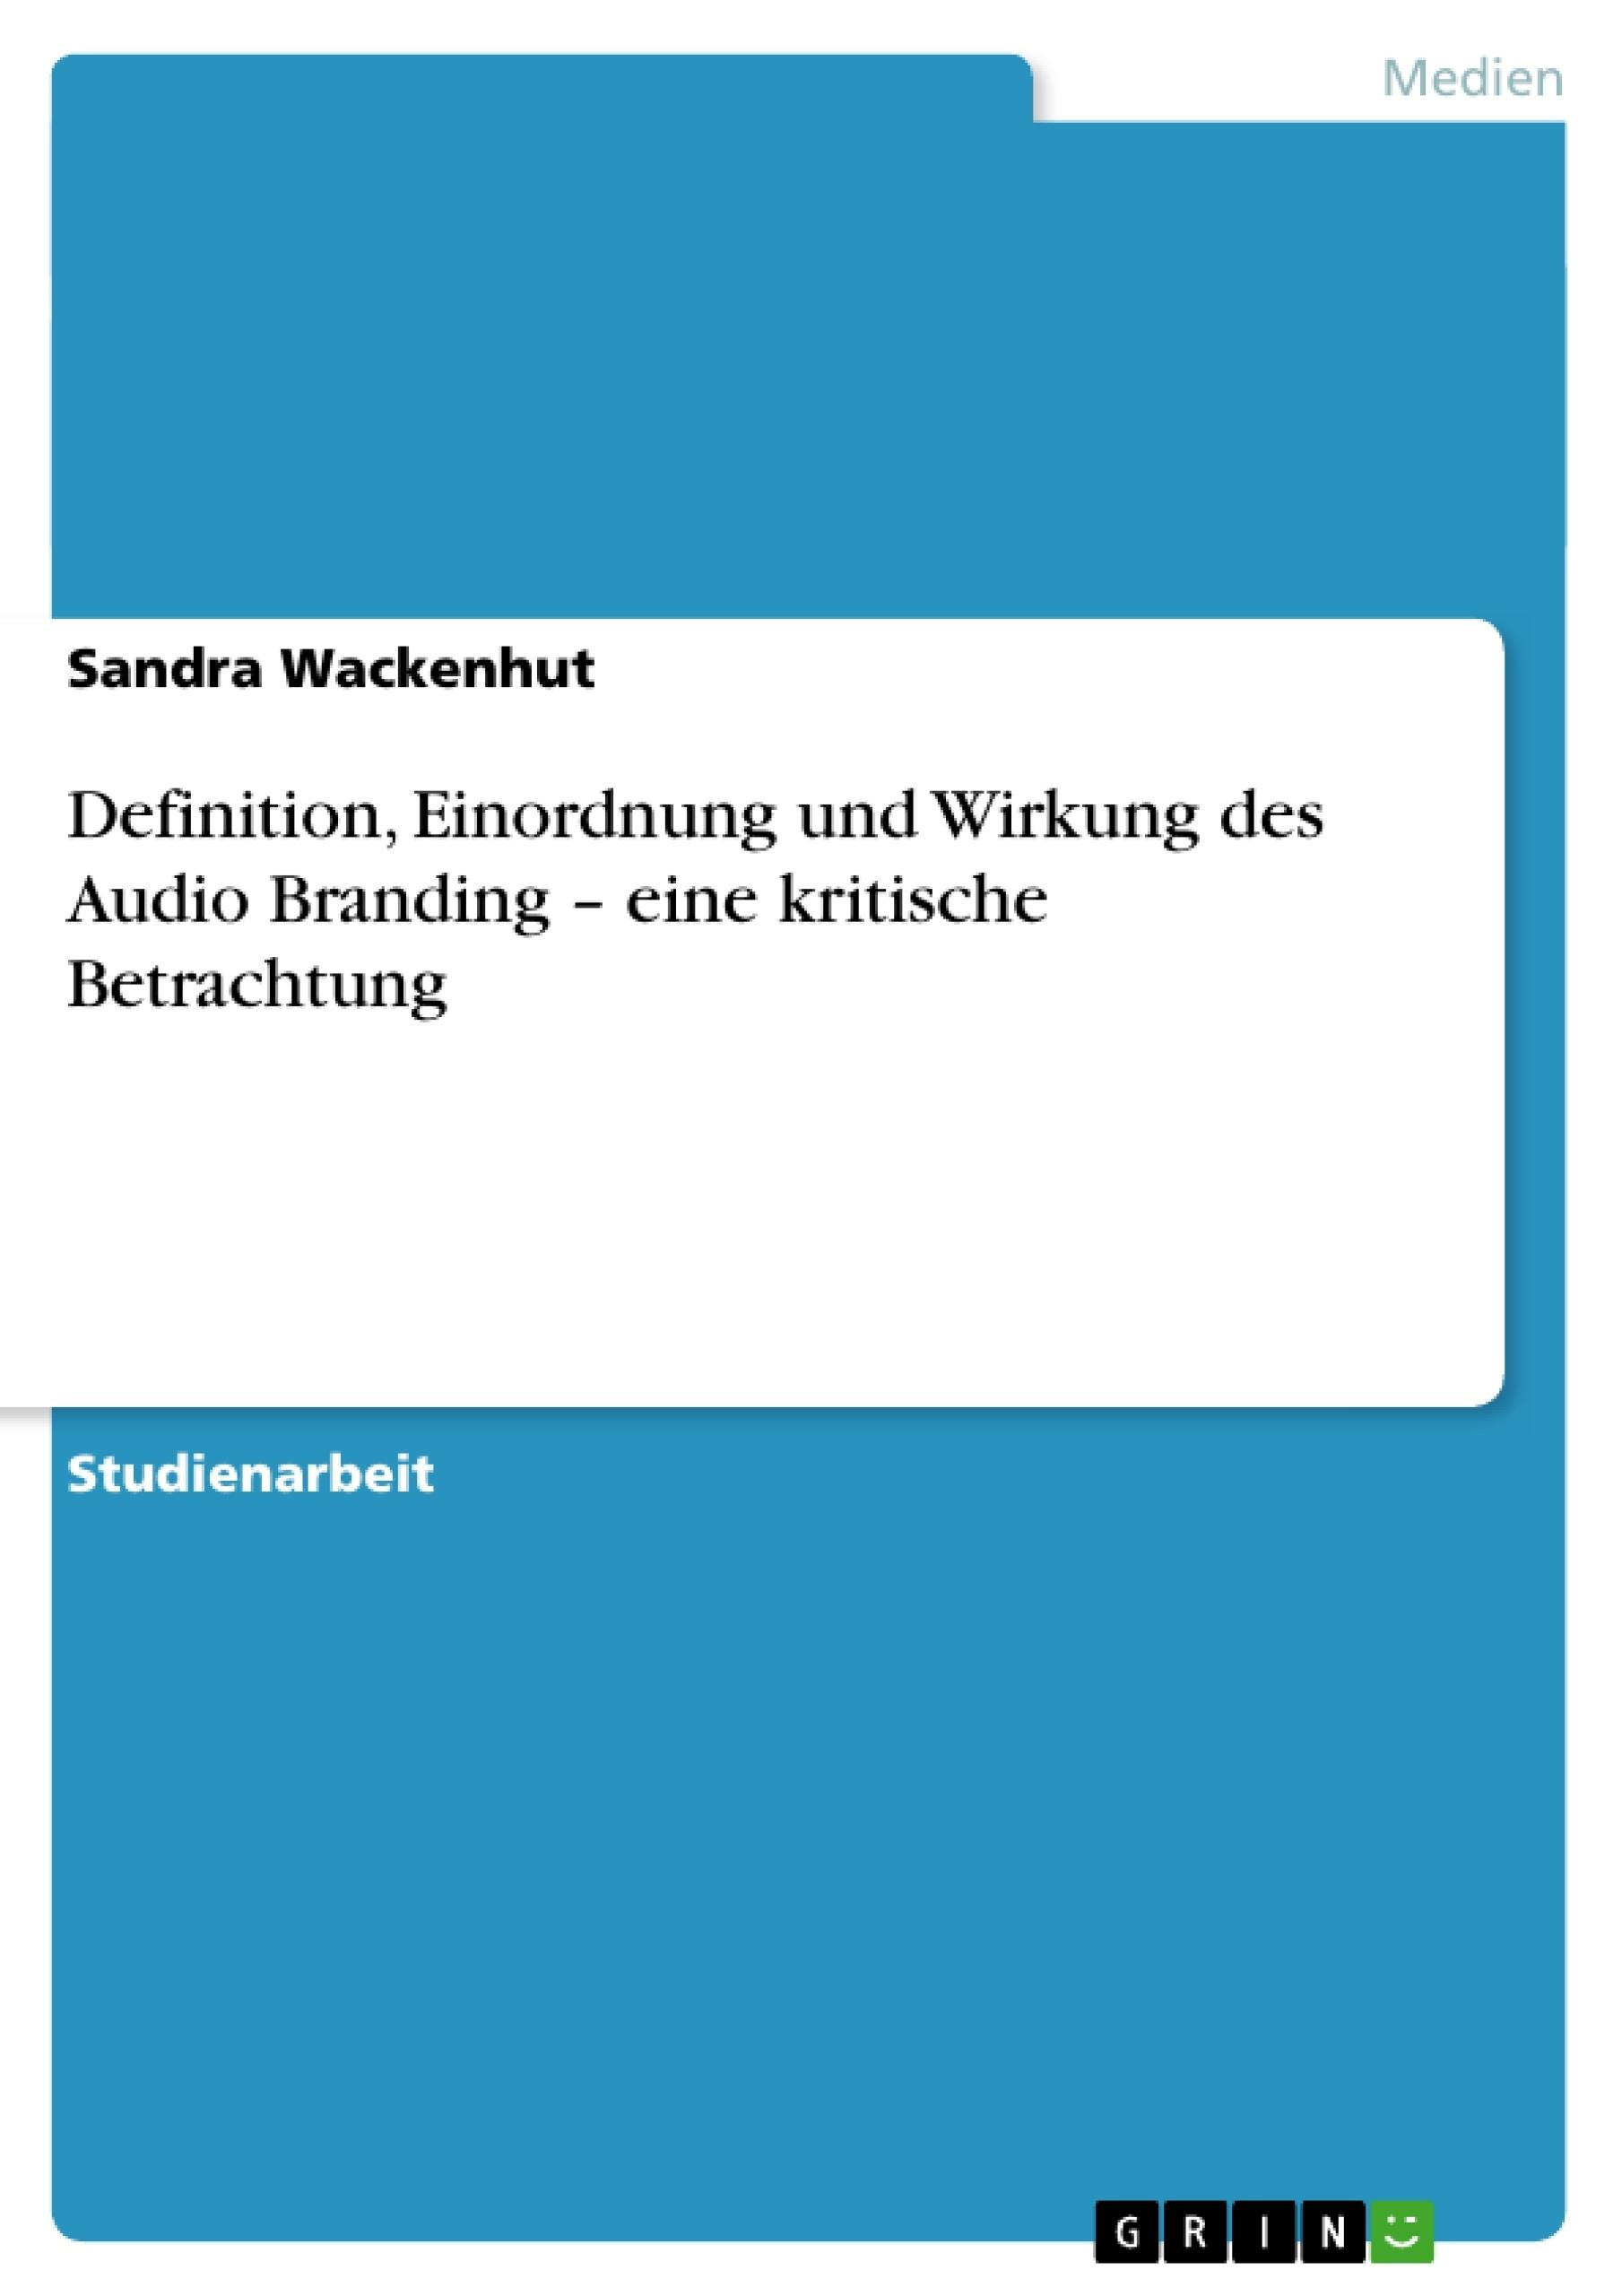 Titel: Definition, Einordnung und Wirkung des Audio Branding – eine kritische Betrachtung